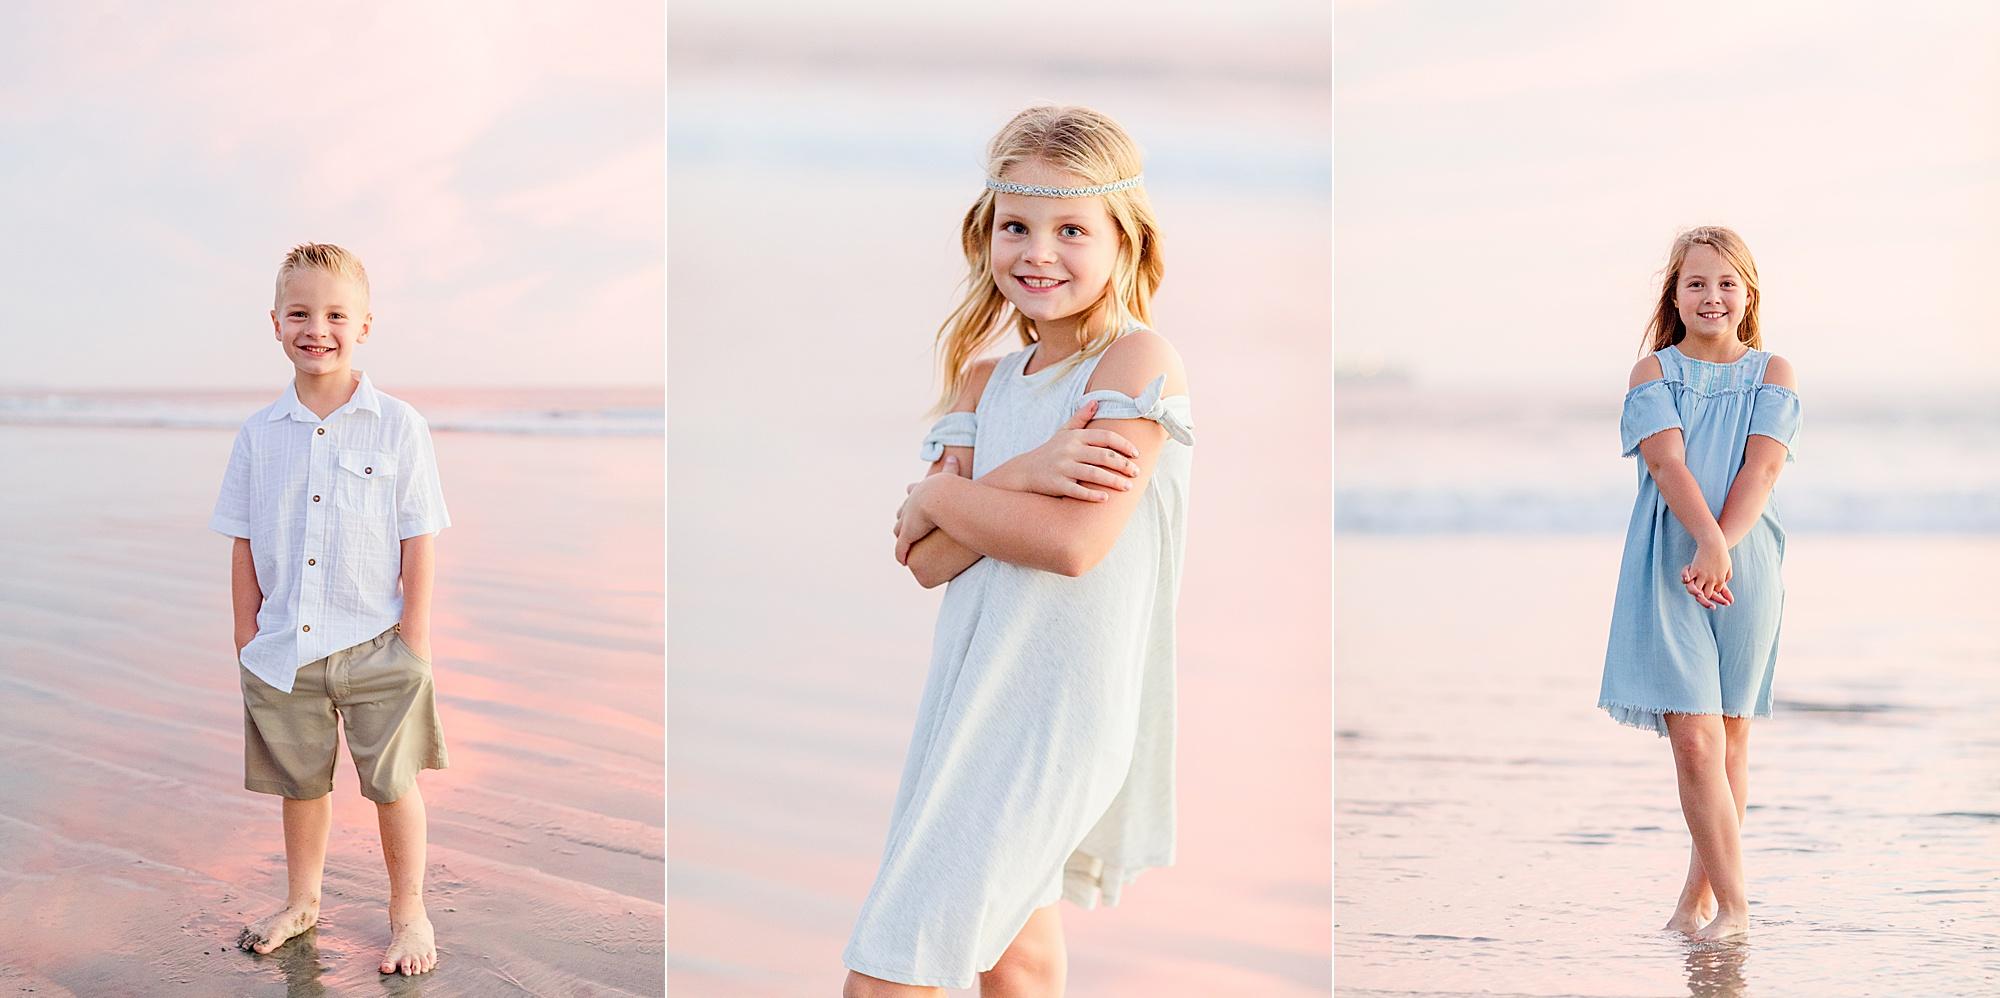 Child Photography San Diego | San Diego Beach Photography